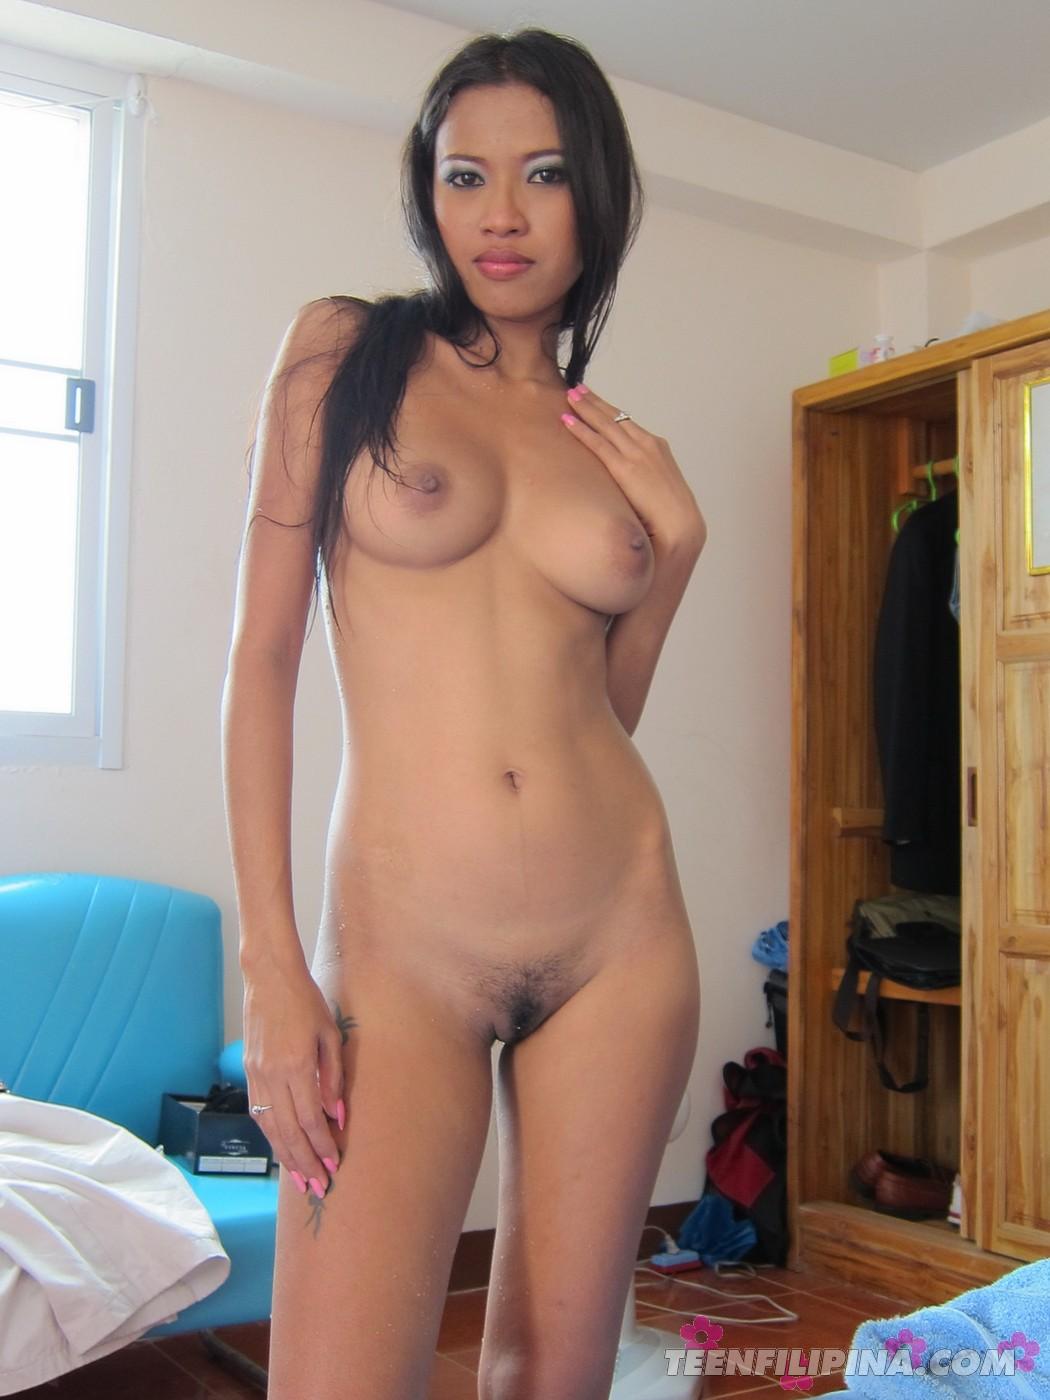 Teen nick naked girls